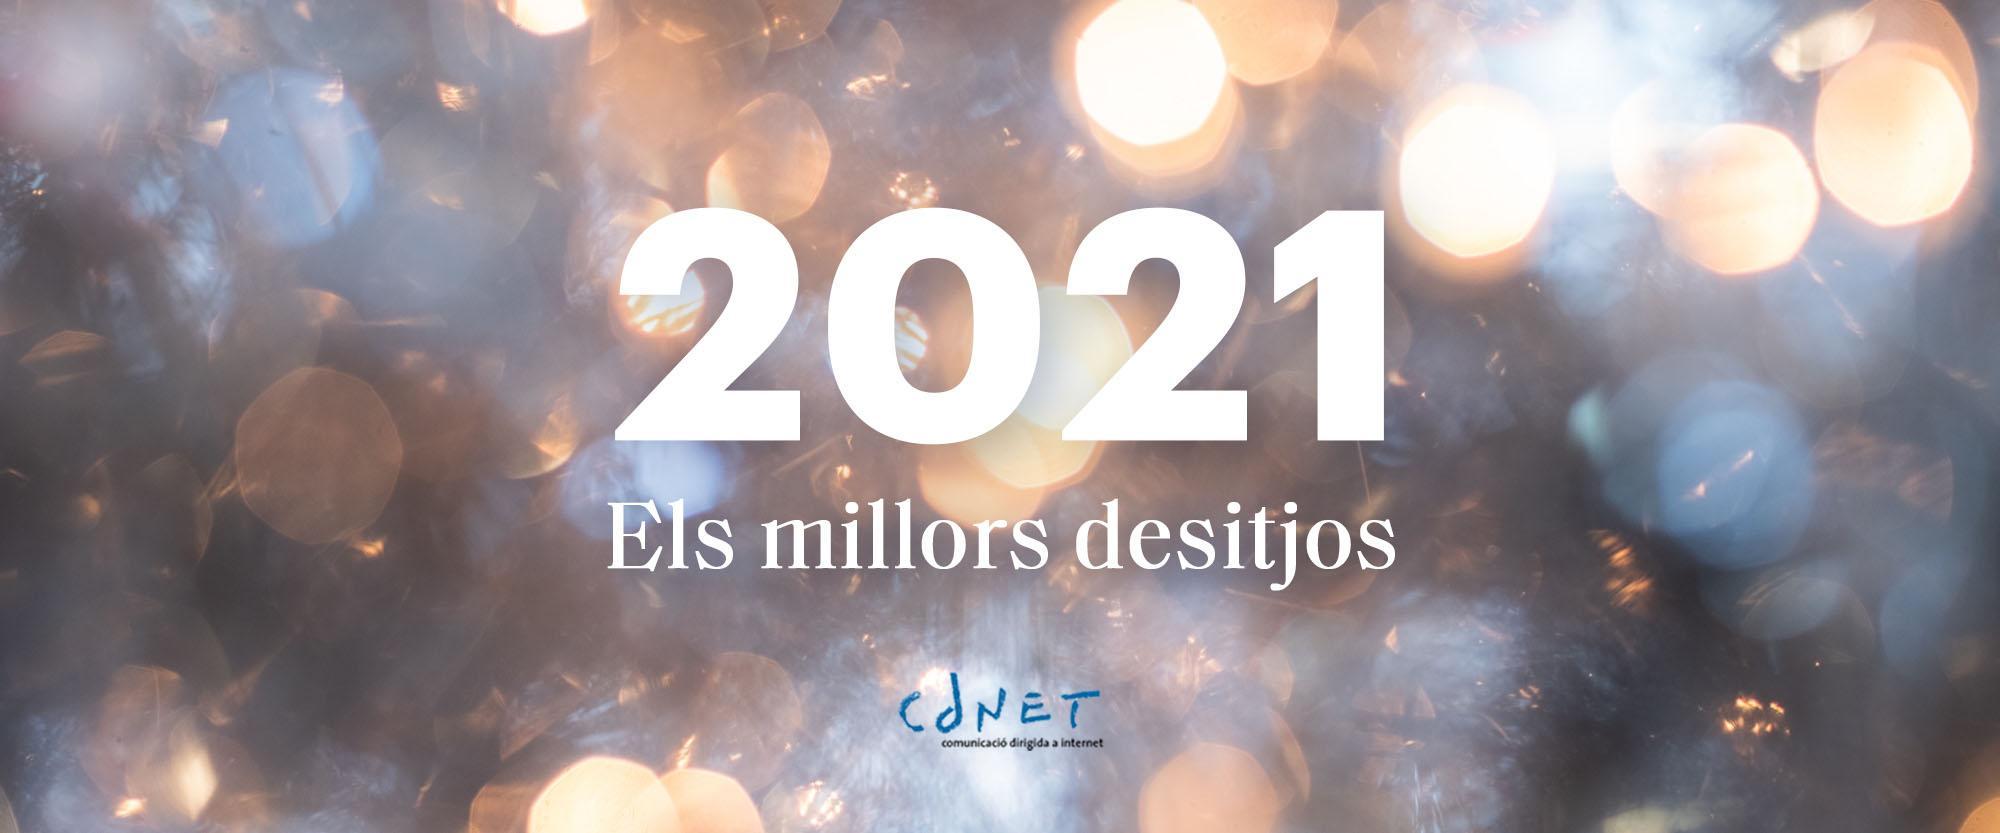 Nuestros mejores deseos para el año nuevo